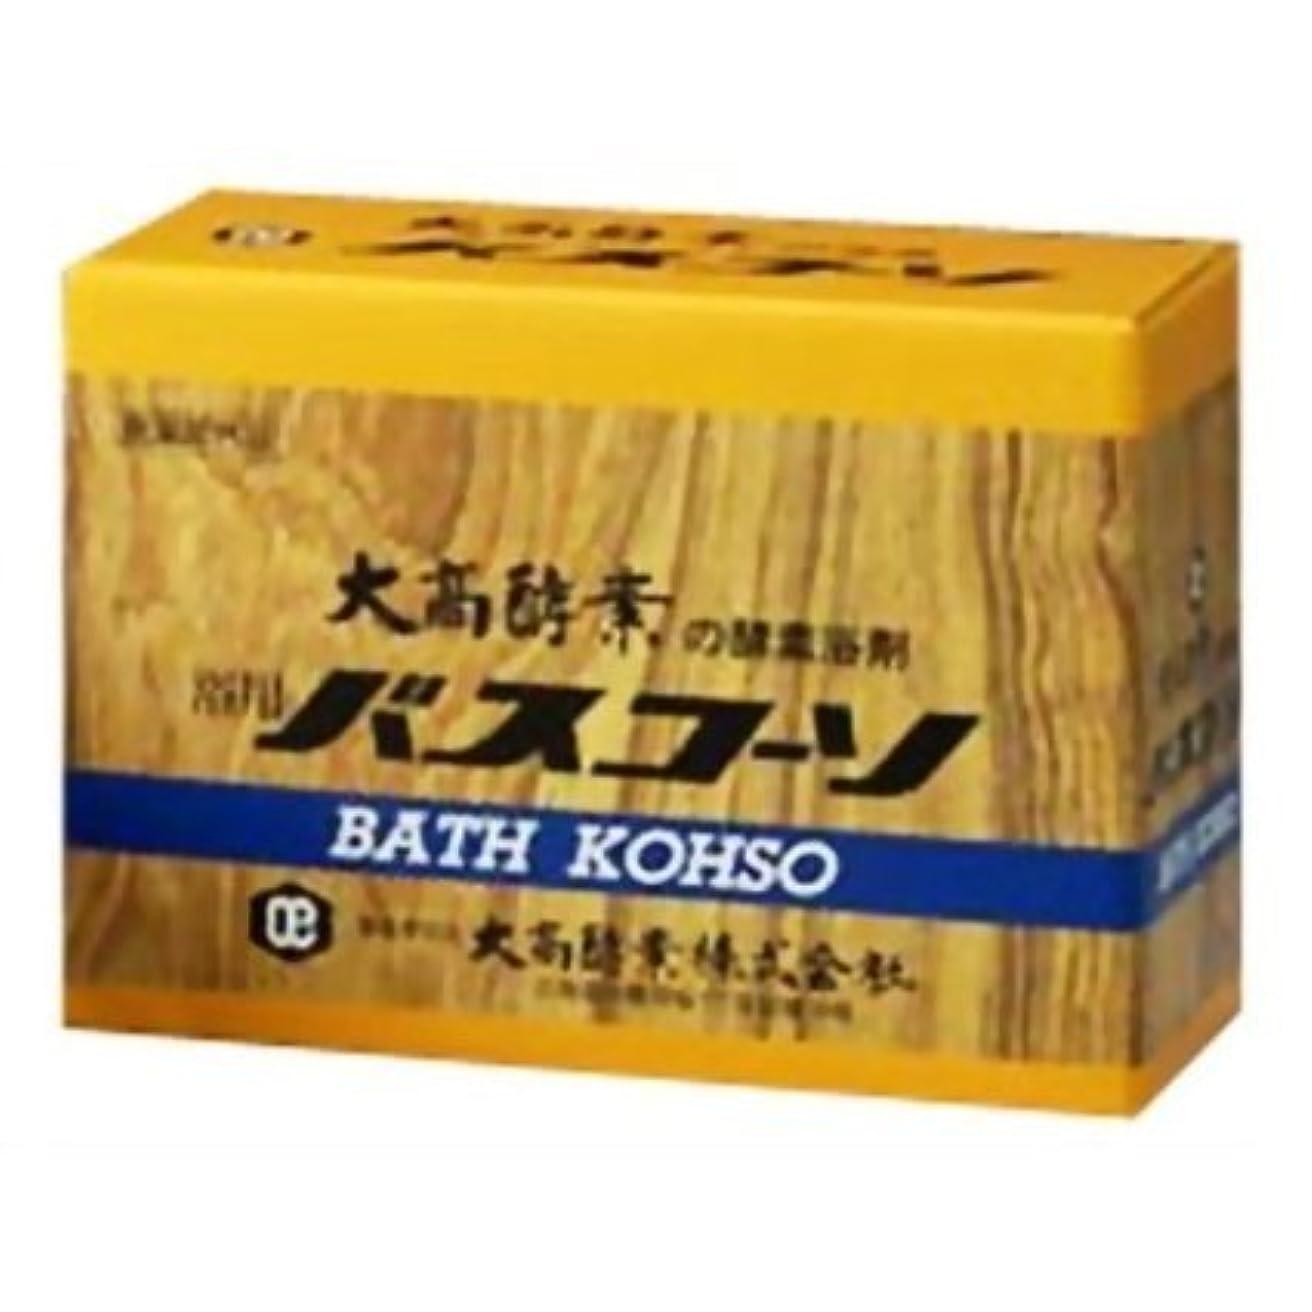 塩辛い腰お大高酵素 浴用バスコーソ 100gx6 【4個セット】